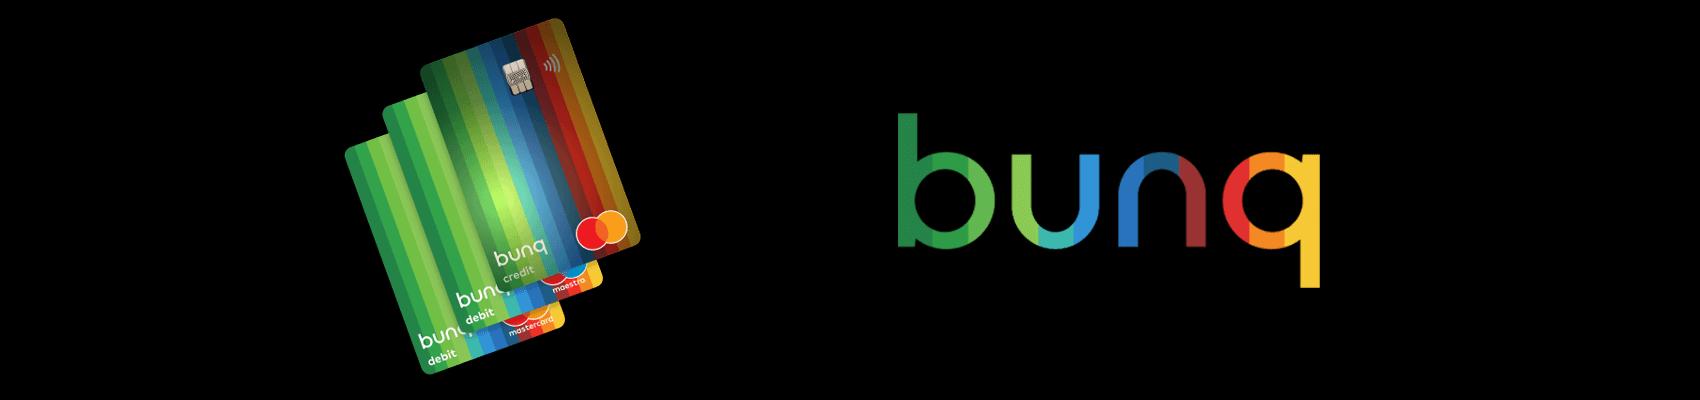 Bank bunq: otwarcie konta w Holandii